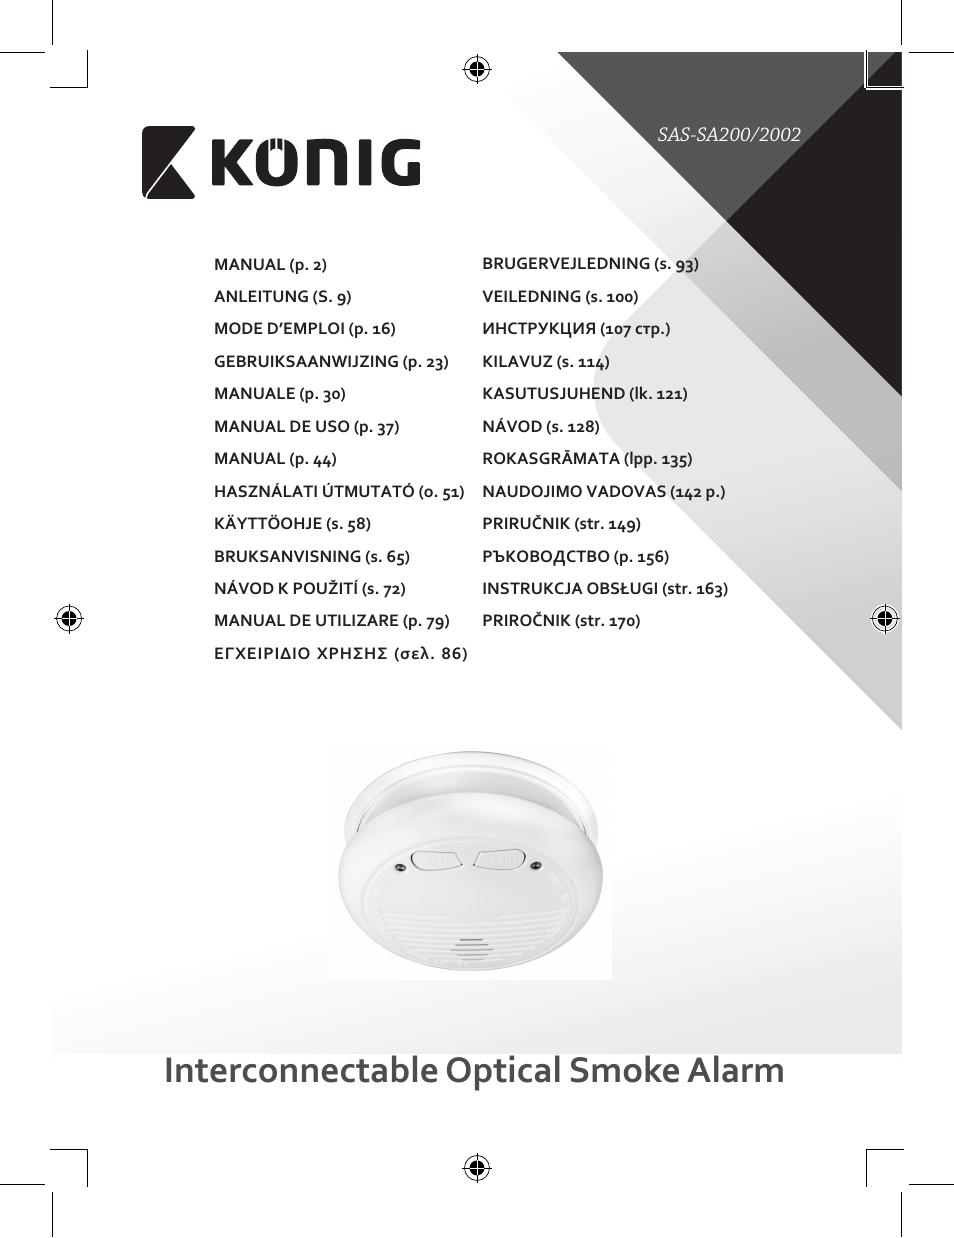 konig electronic duo pack wireless interconnectable smoke alarm page1?resize\=665%2C863 esp smoke detector wiring diagram smoke alarm circuit wiring  at mifinder.co